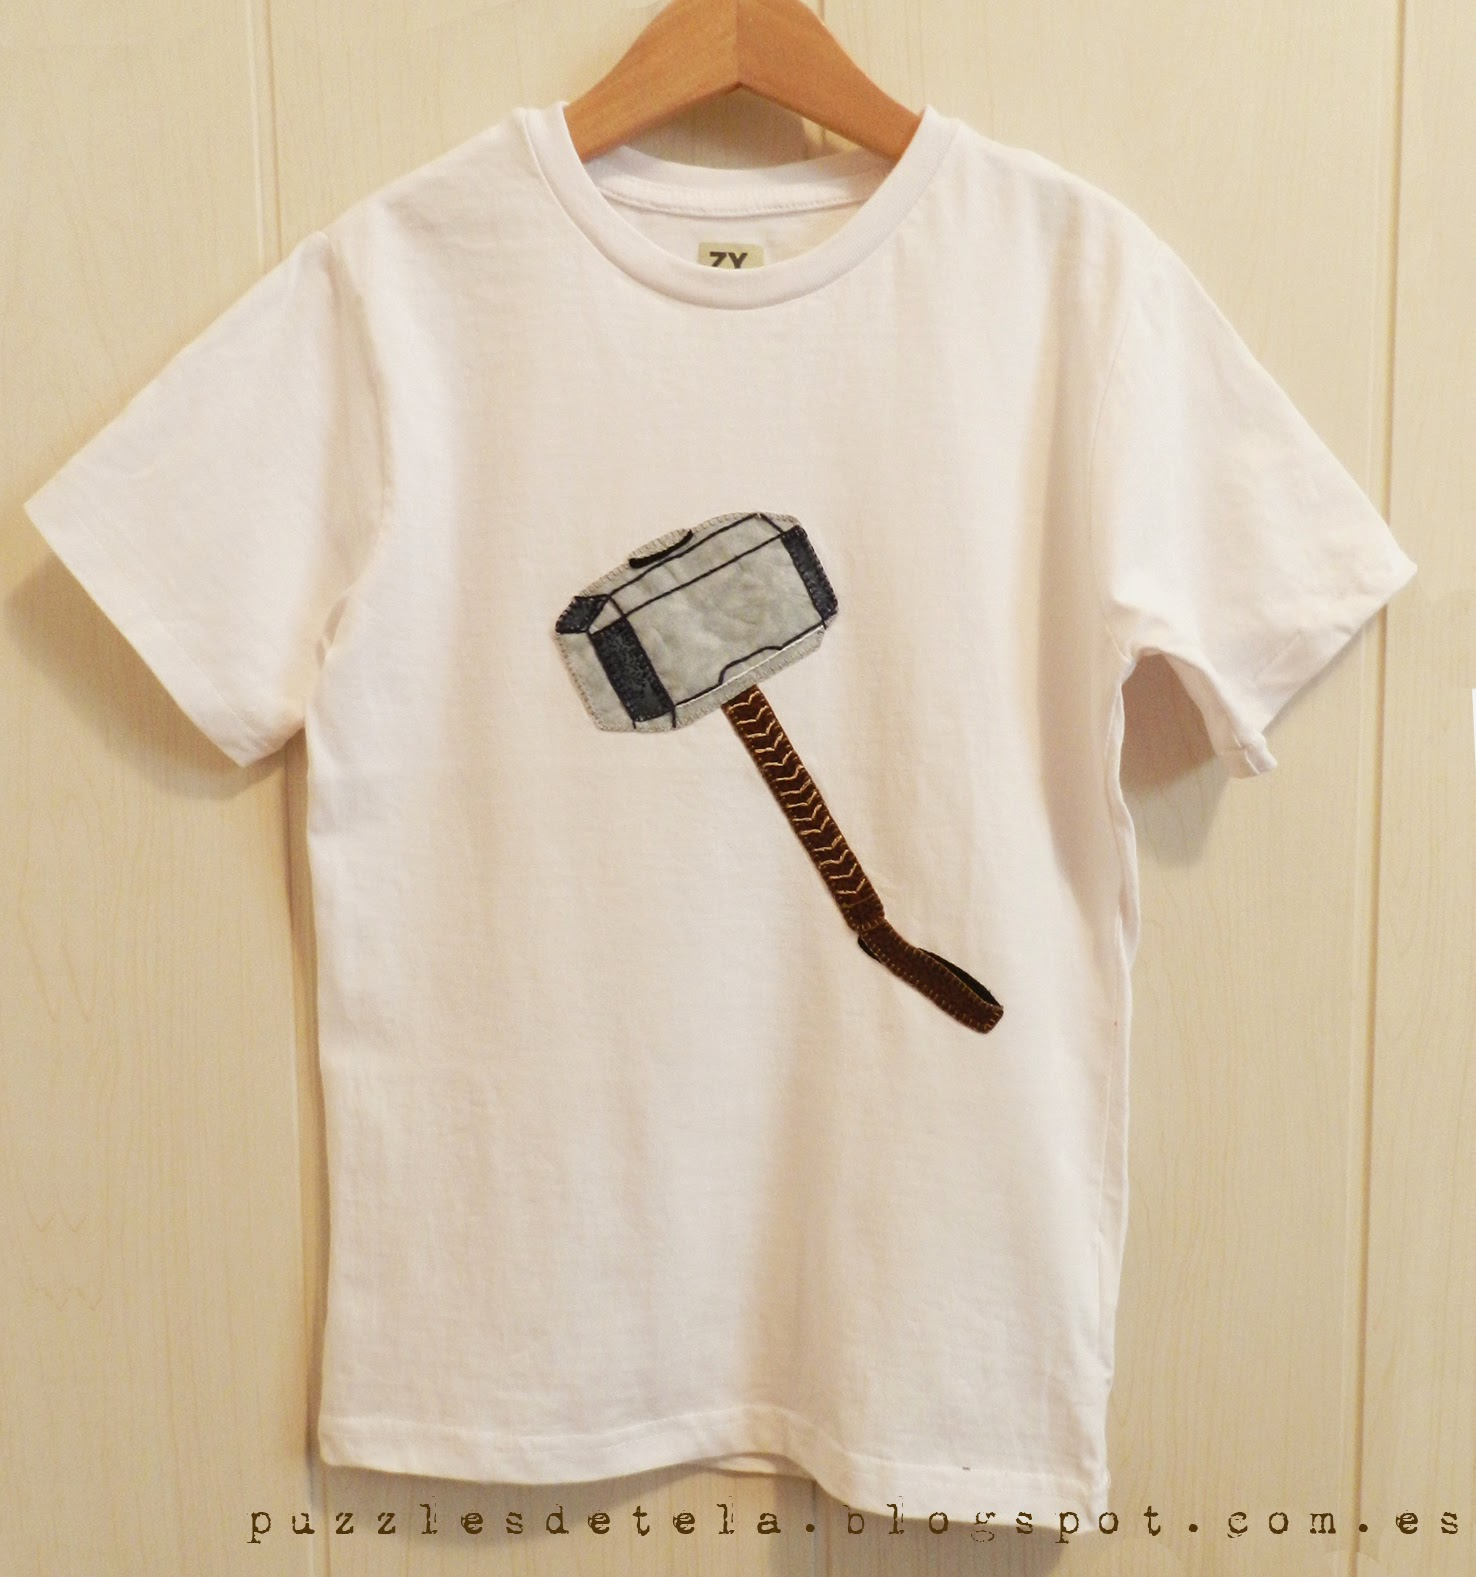 Salón del cómic, Thor, Superhéroes, Los Vengadores, Camisetas patchwork, camiseta Thor, mazo de Thor, Mjolnir, martillo de Thor, camiseta superhéroes, camiseta de los Vengadores